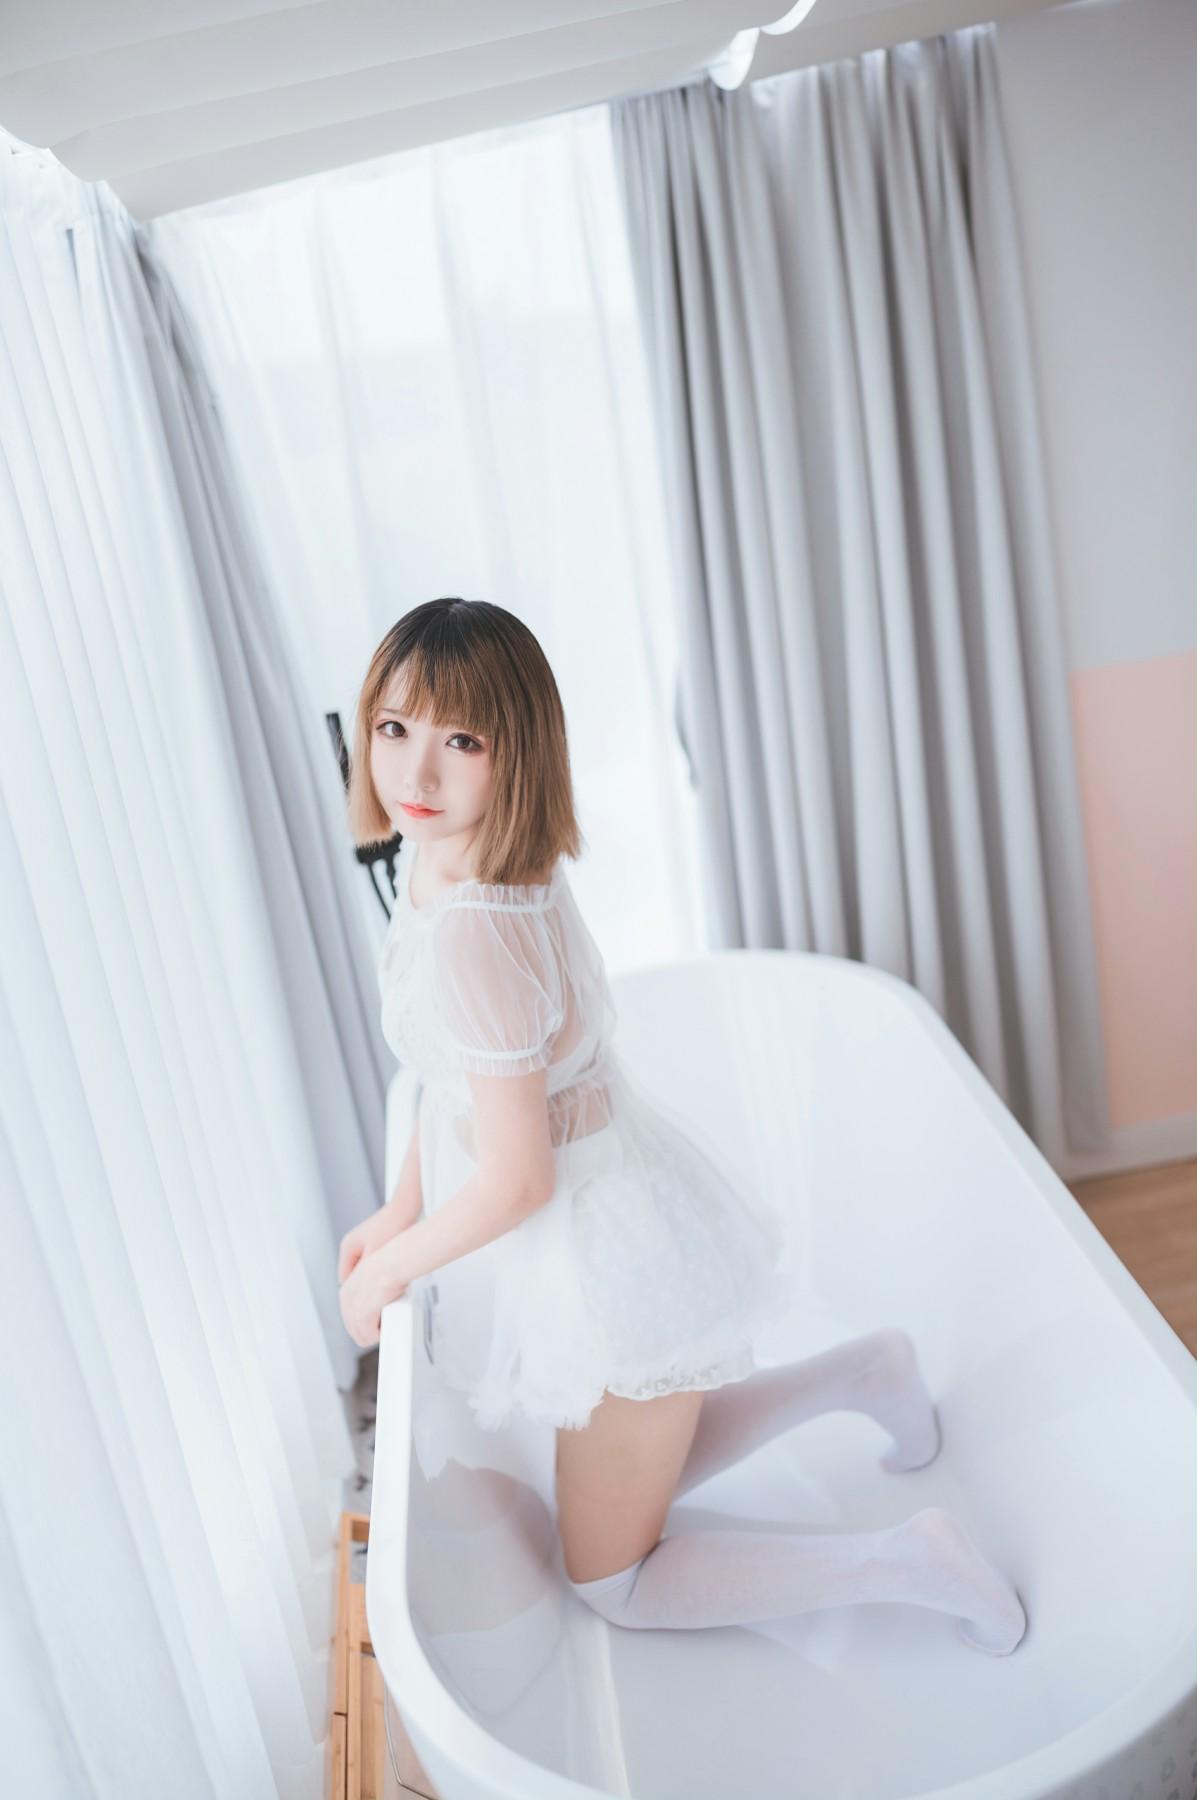 [喵糖映画]Vol.025 半透浴室JK少女[42P] 喵糖映画 第2张